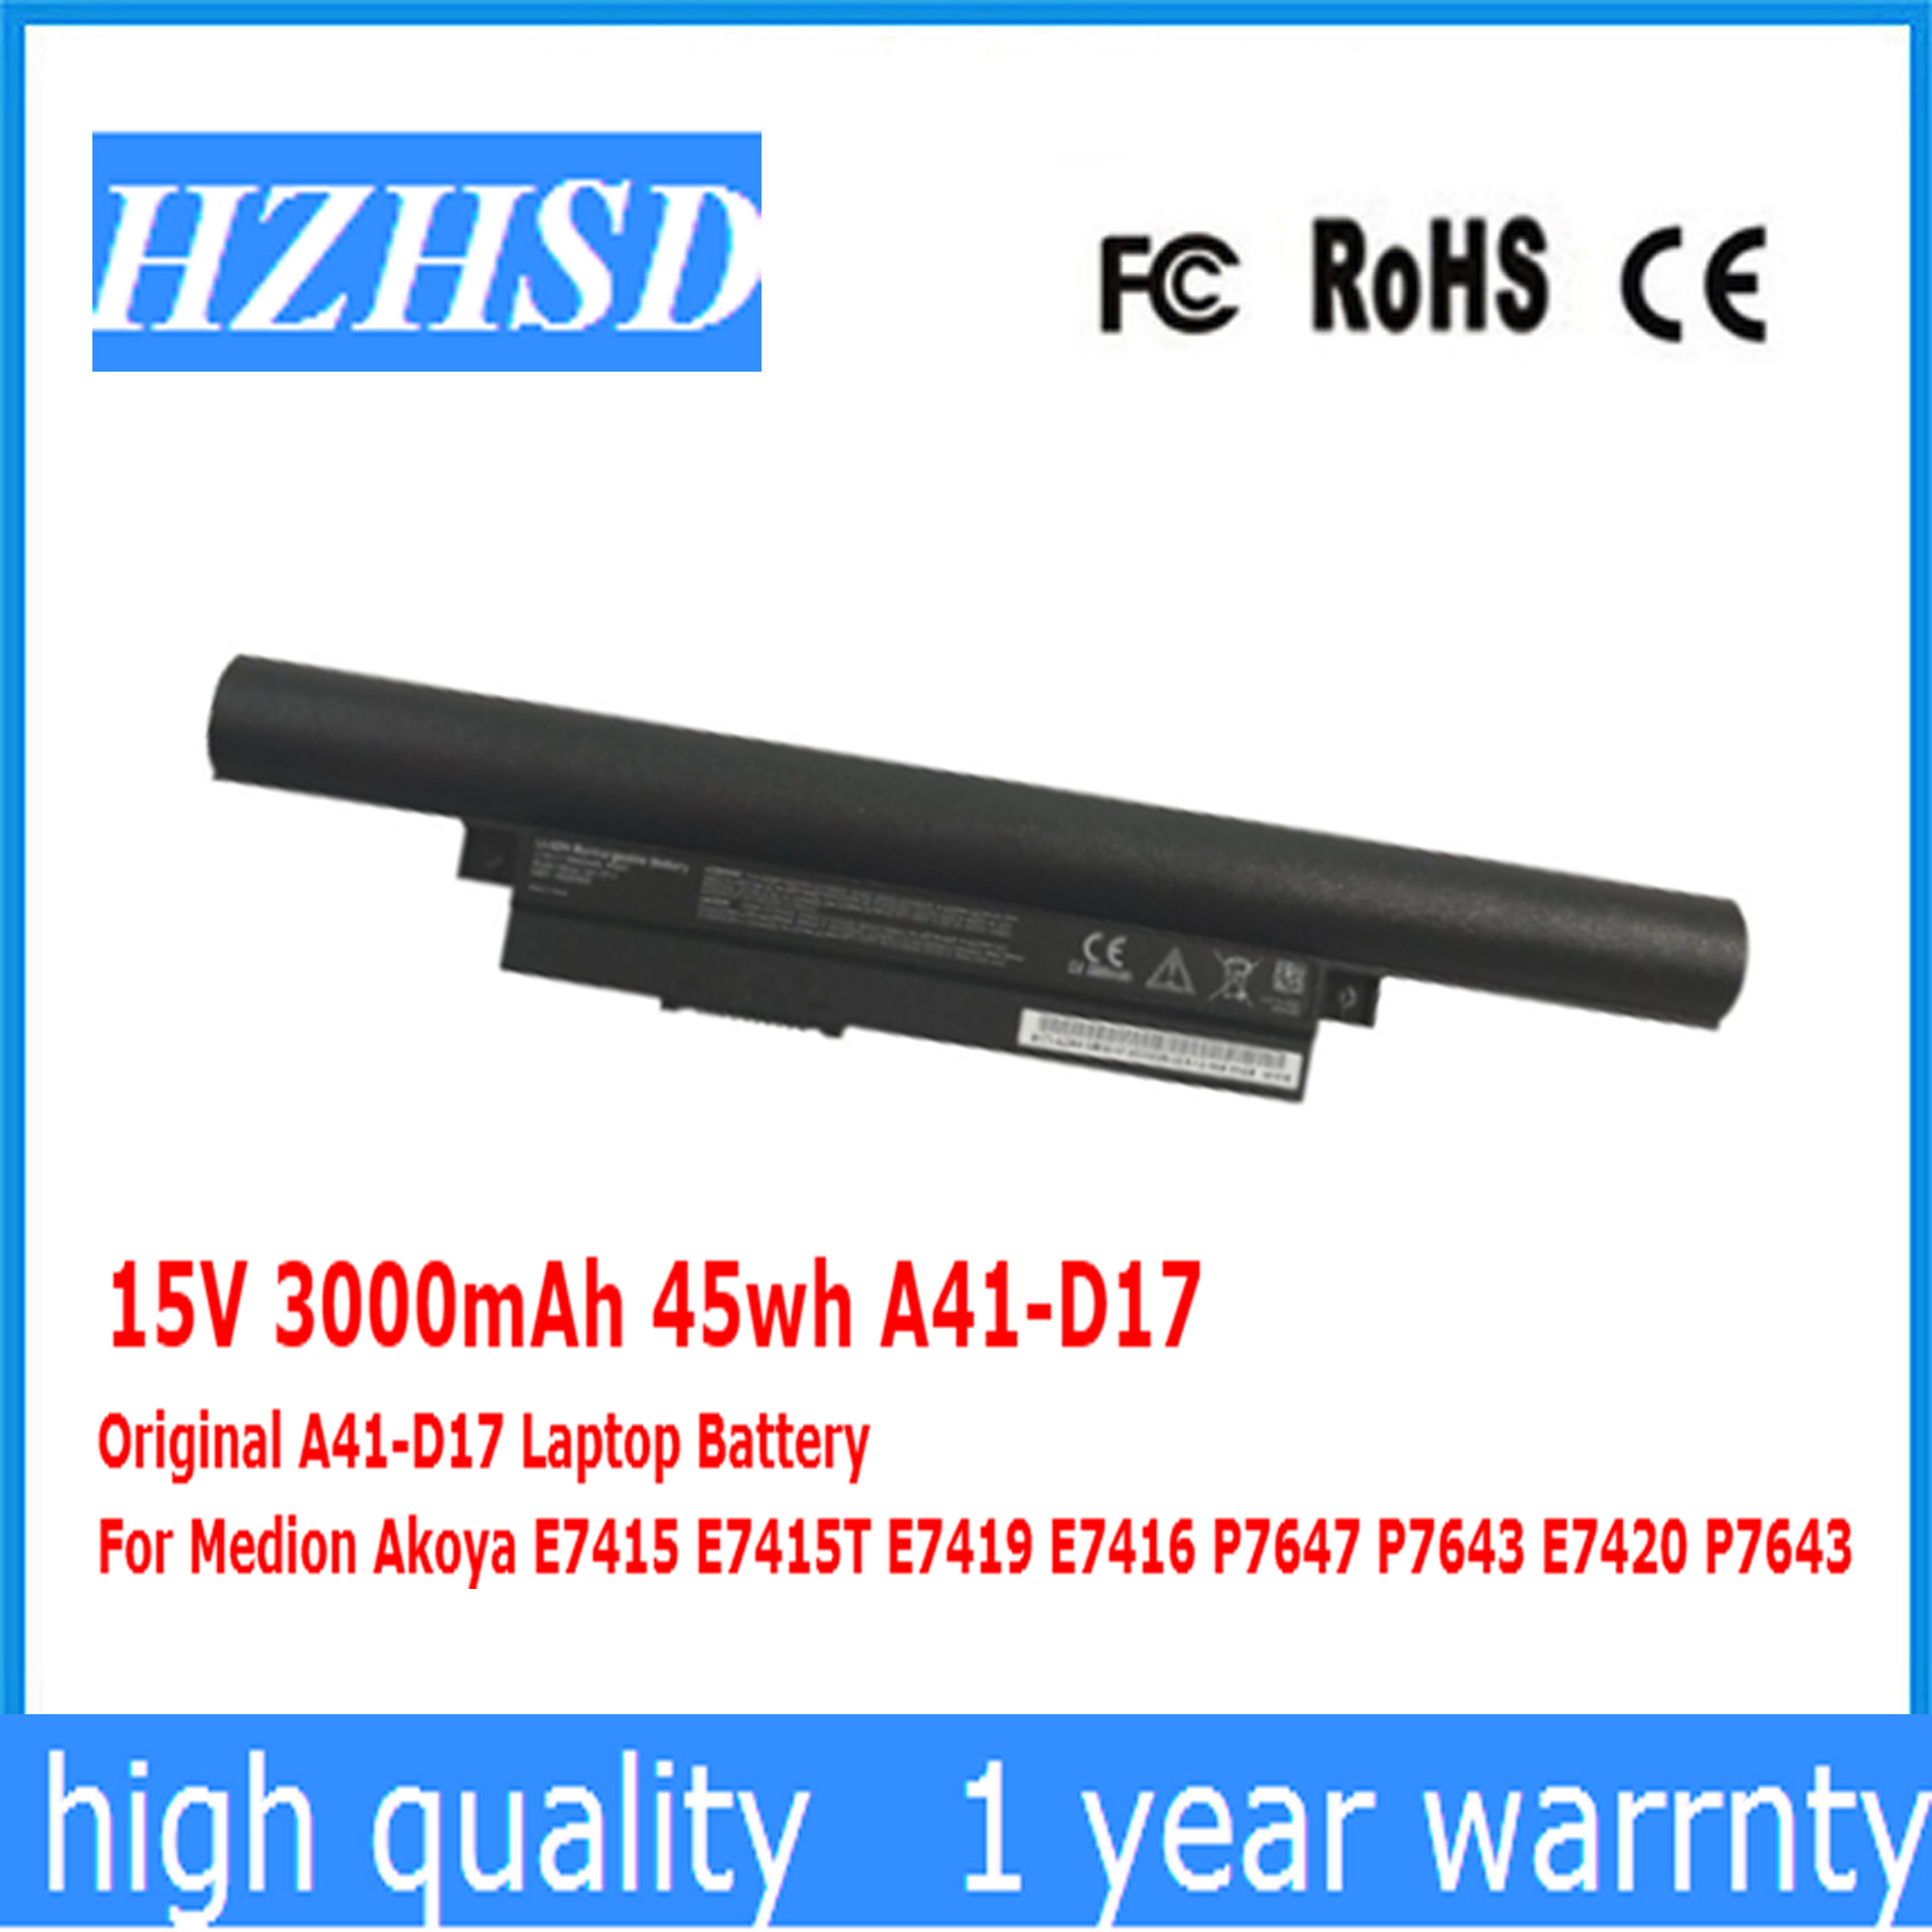 15 V 3000 mAh 45wh A41-D17 D'origine A41-D17 batterie d'ordinateur portable Pour Medion Akoya E7415 E7415T E7419 E7416 P7647 P7643 E7420 P7643